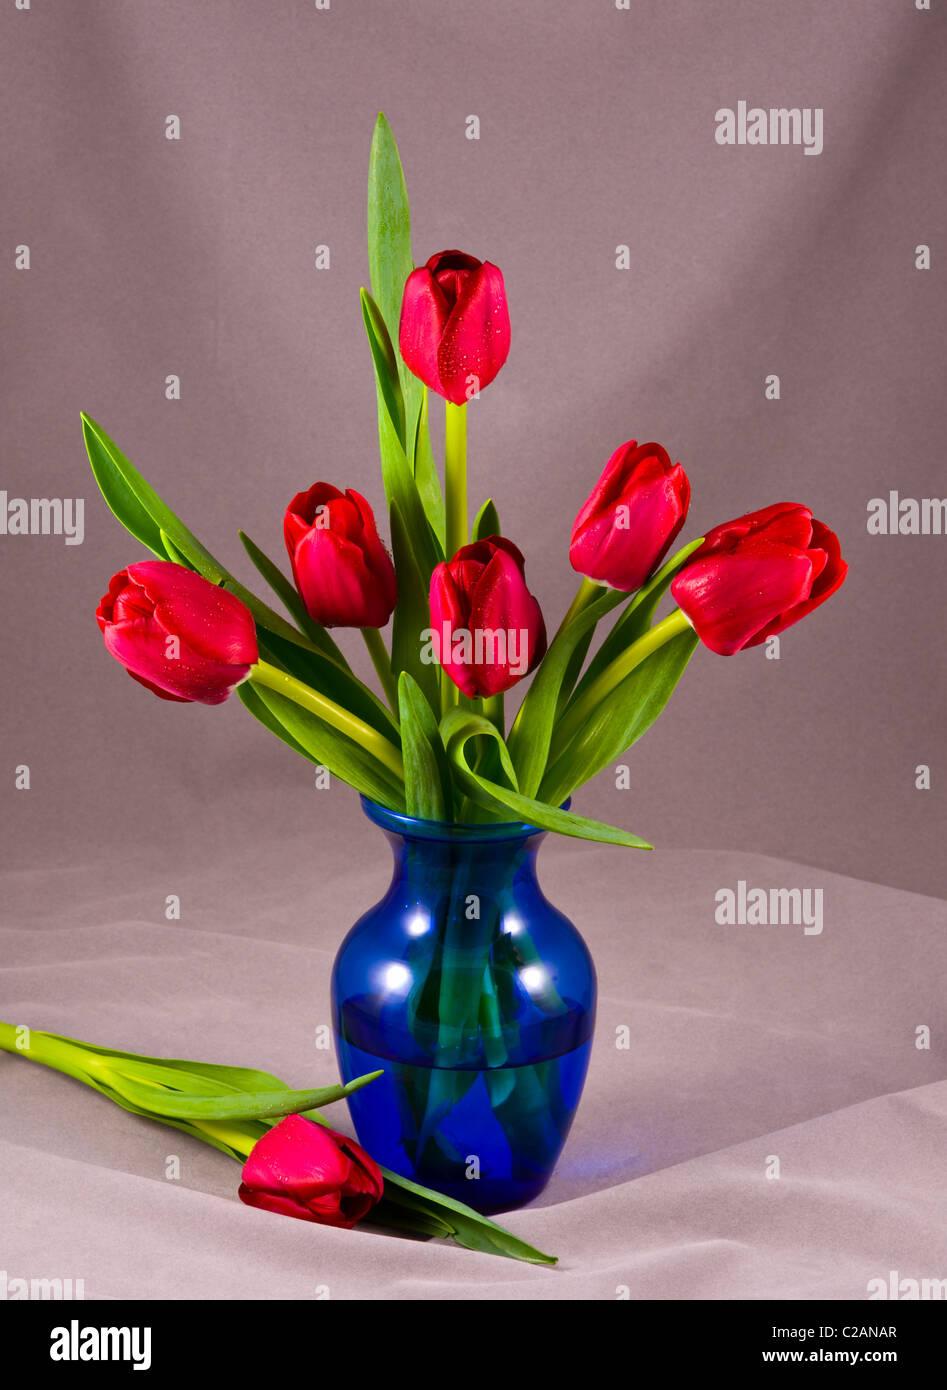 Tulipani rossi in vaso blu gocce di rugiada nebbia acqua composizione fiori disposizione ancora vita table top set Immagini Stock